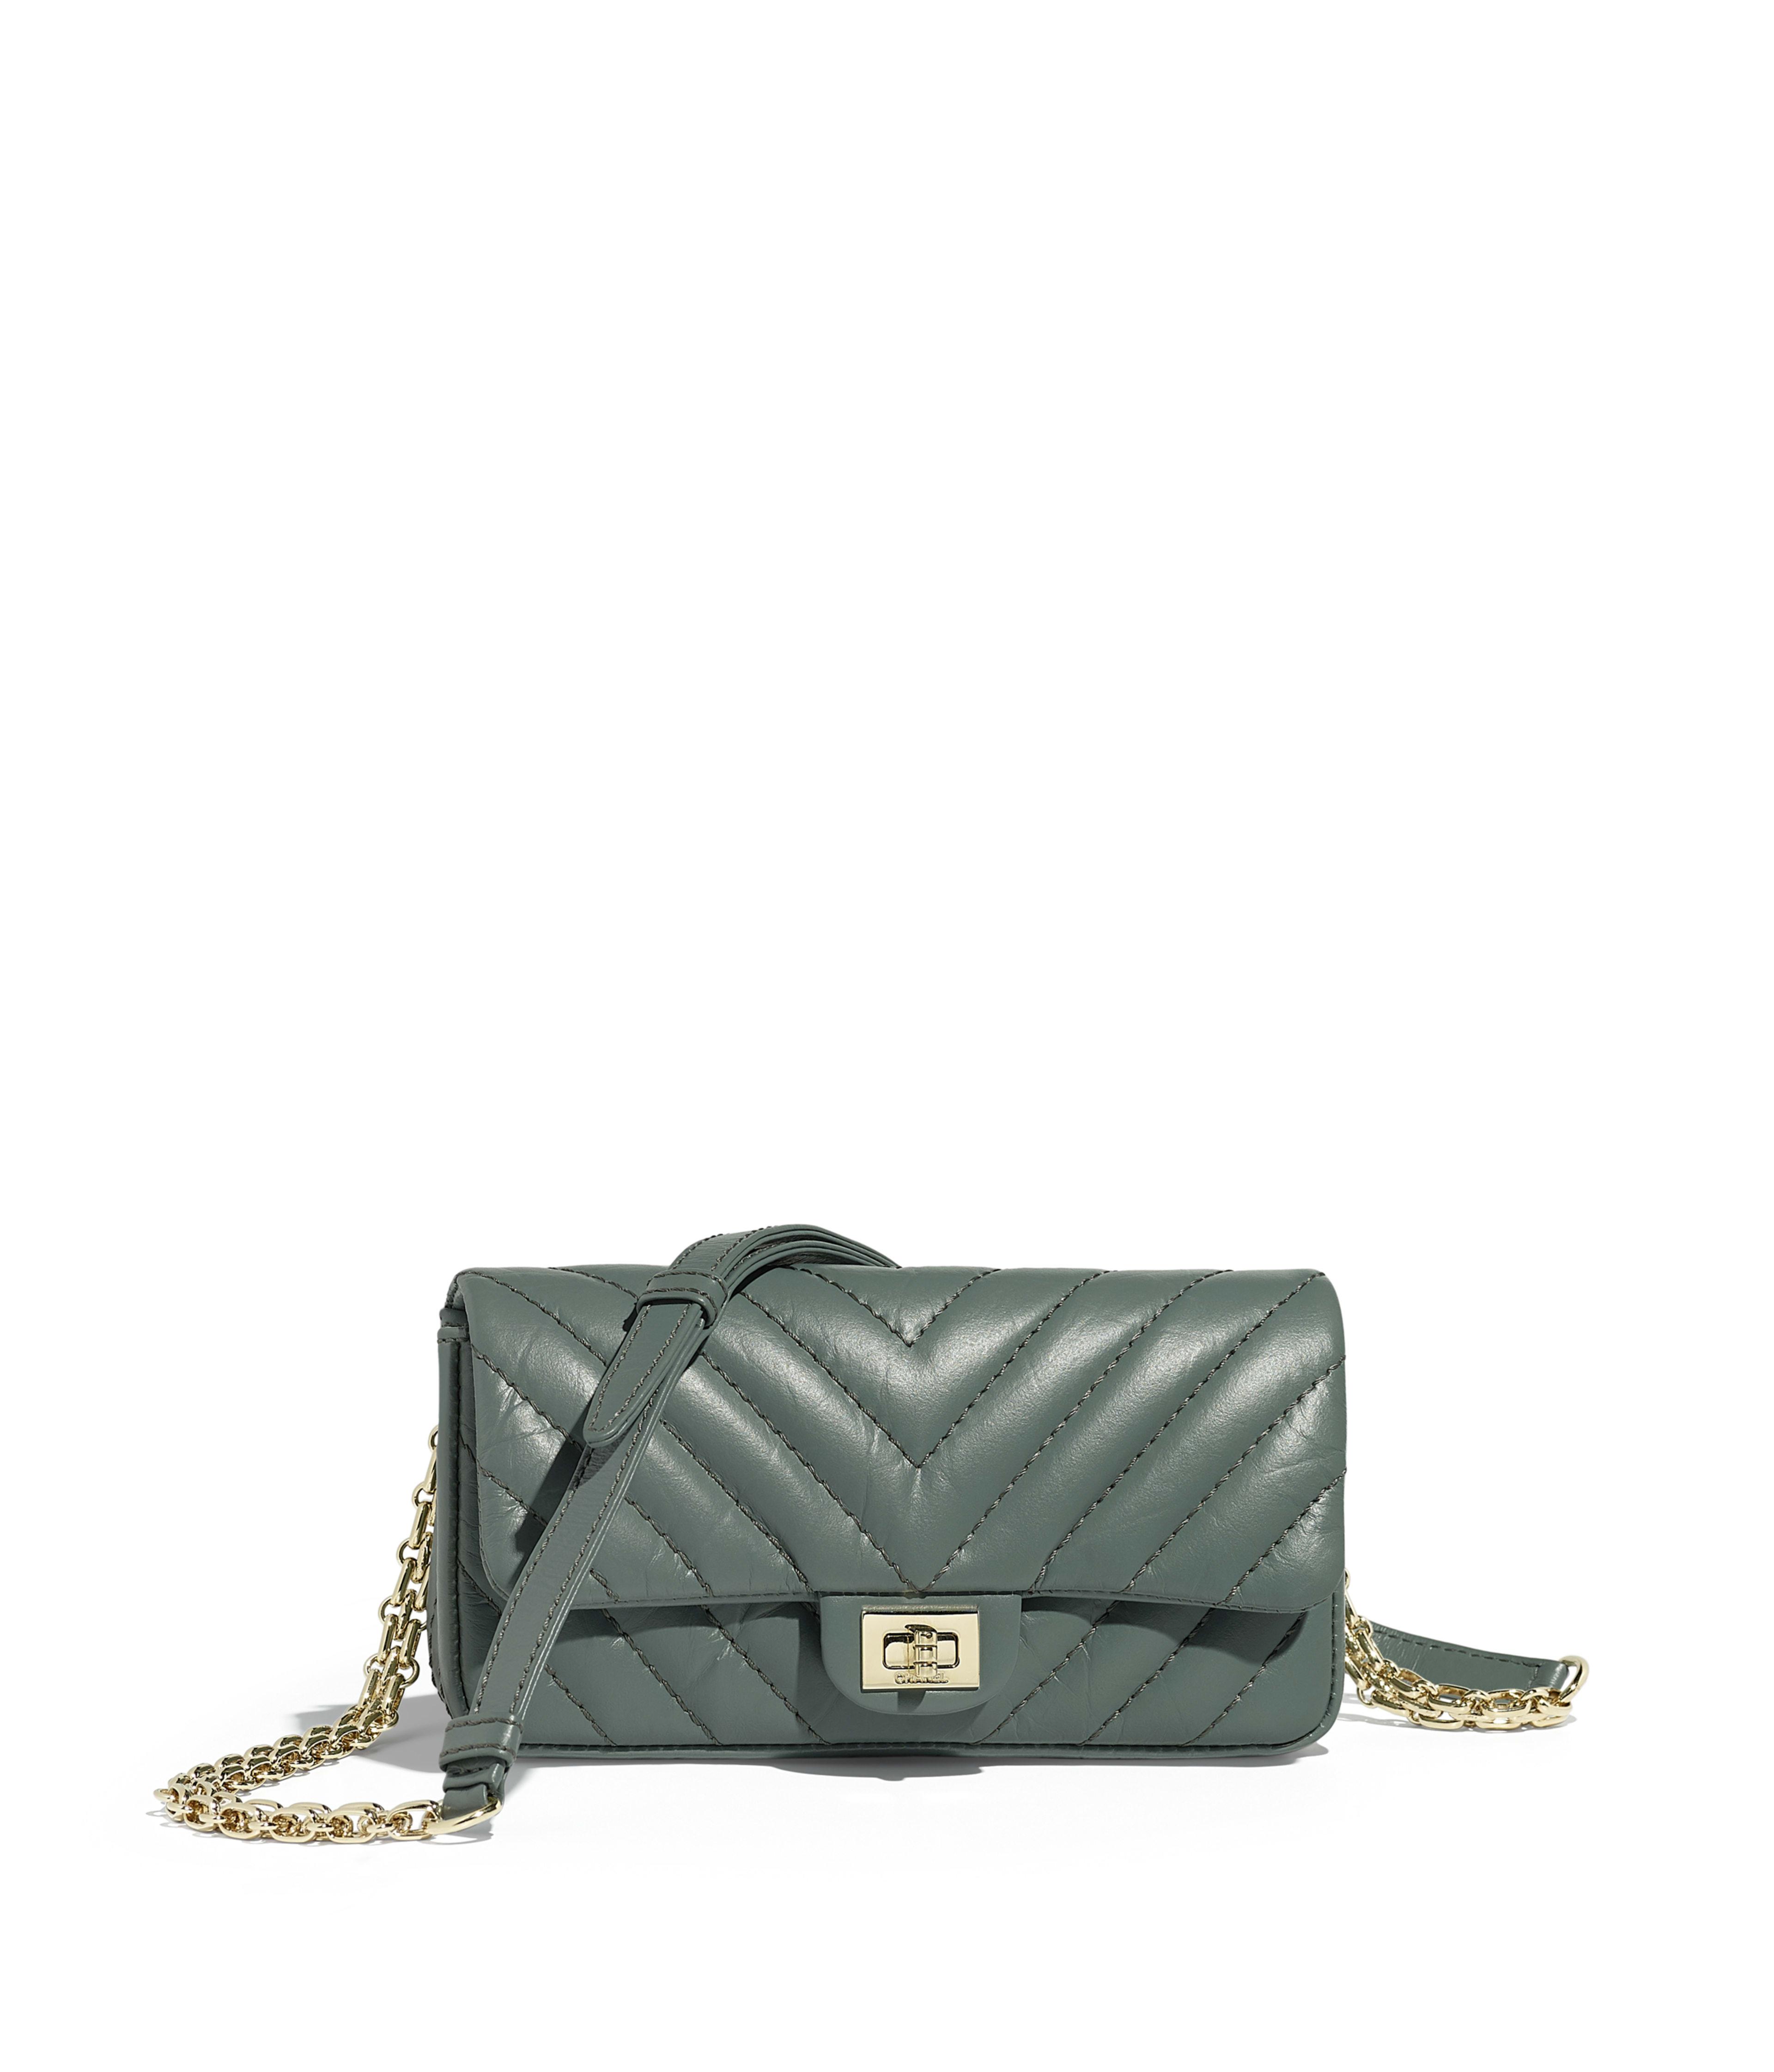 110d6e59aab80 Waist bag green aged calfskin gold tone metal aged calfskin gold tone metal  packshot default a